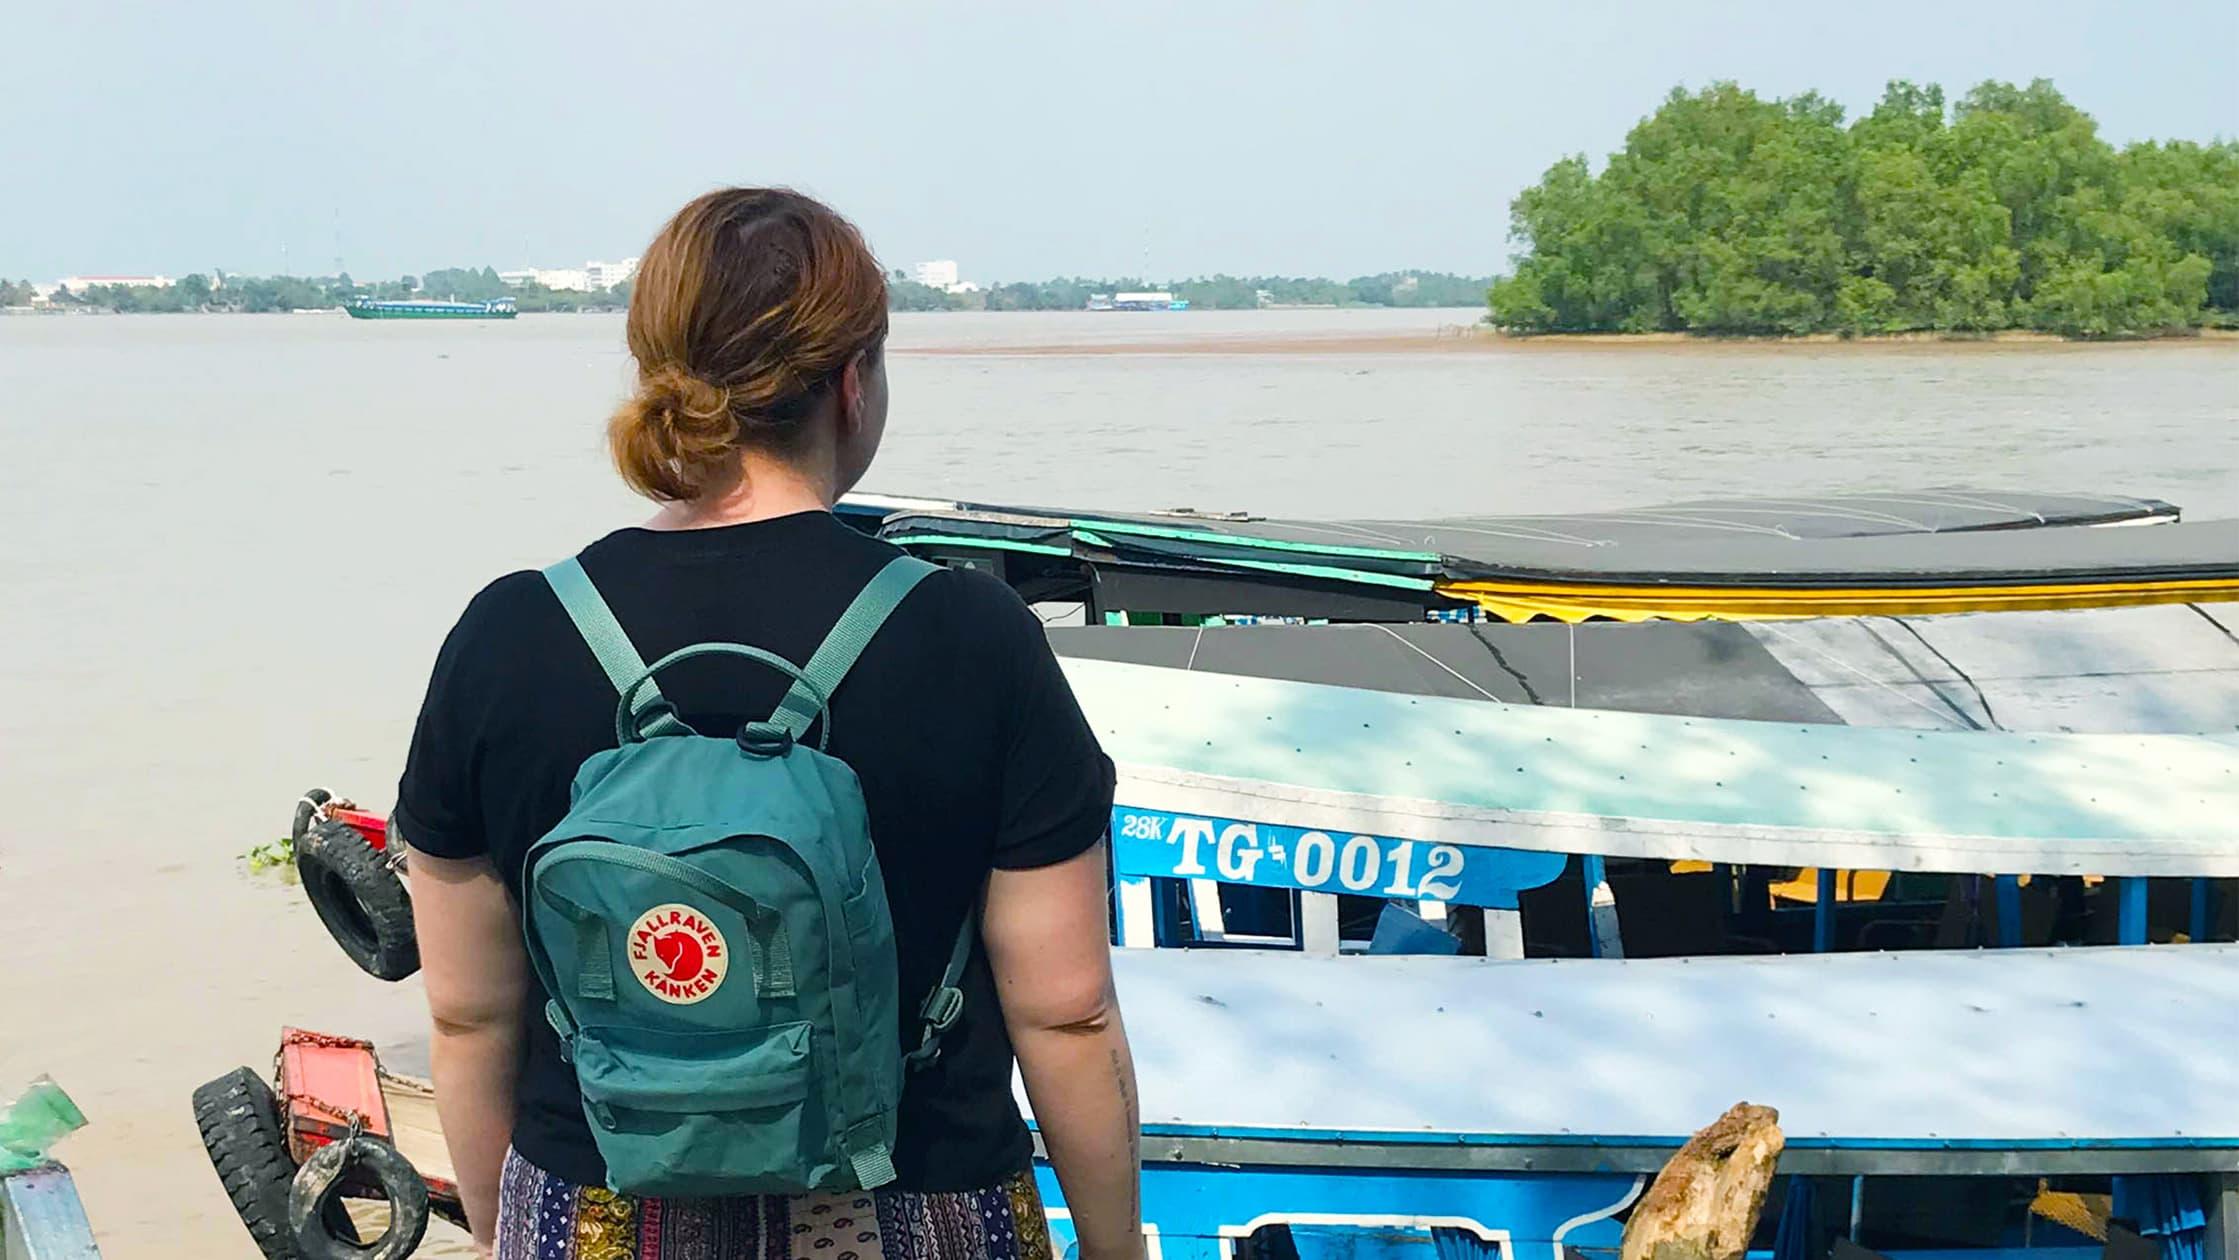 Fjallraven Kanken Mini Mekong Delta